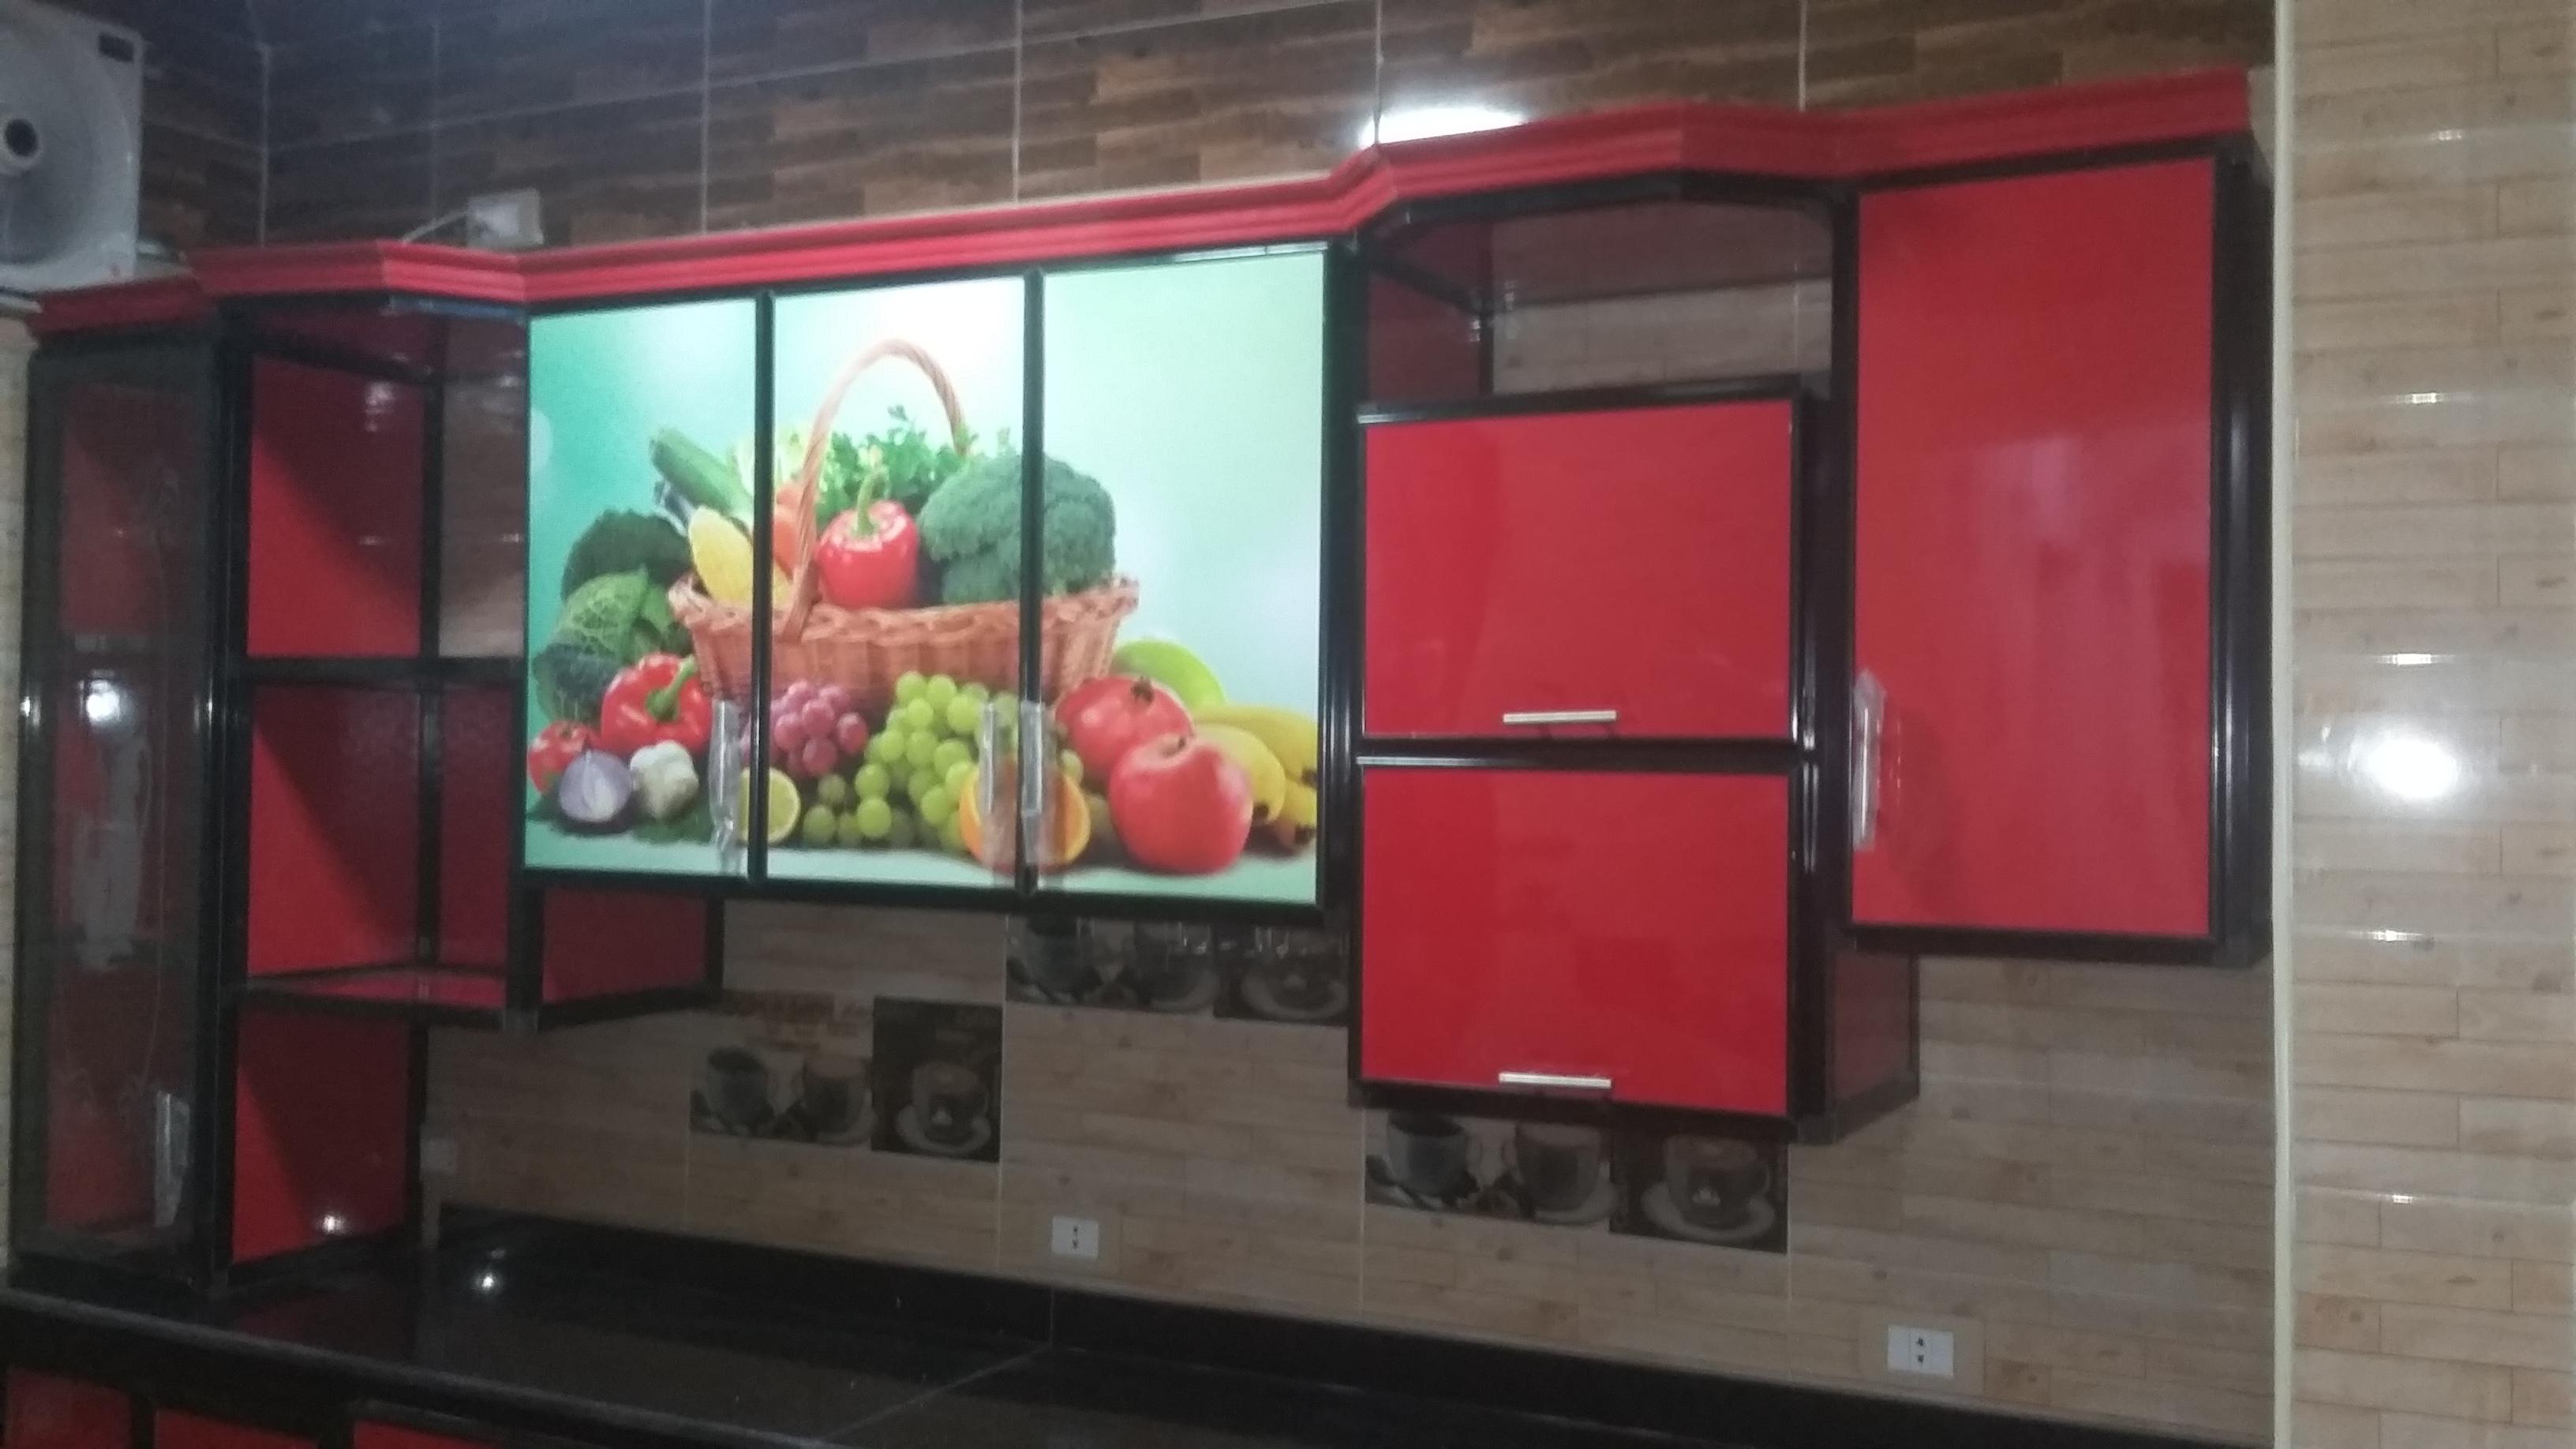 مطبخ الوميتال اسود و احمر